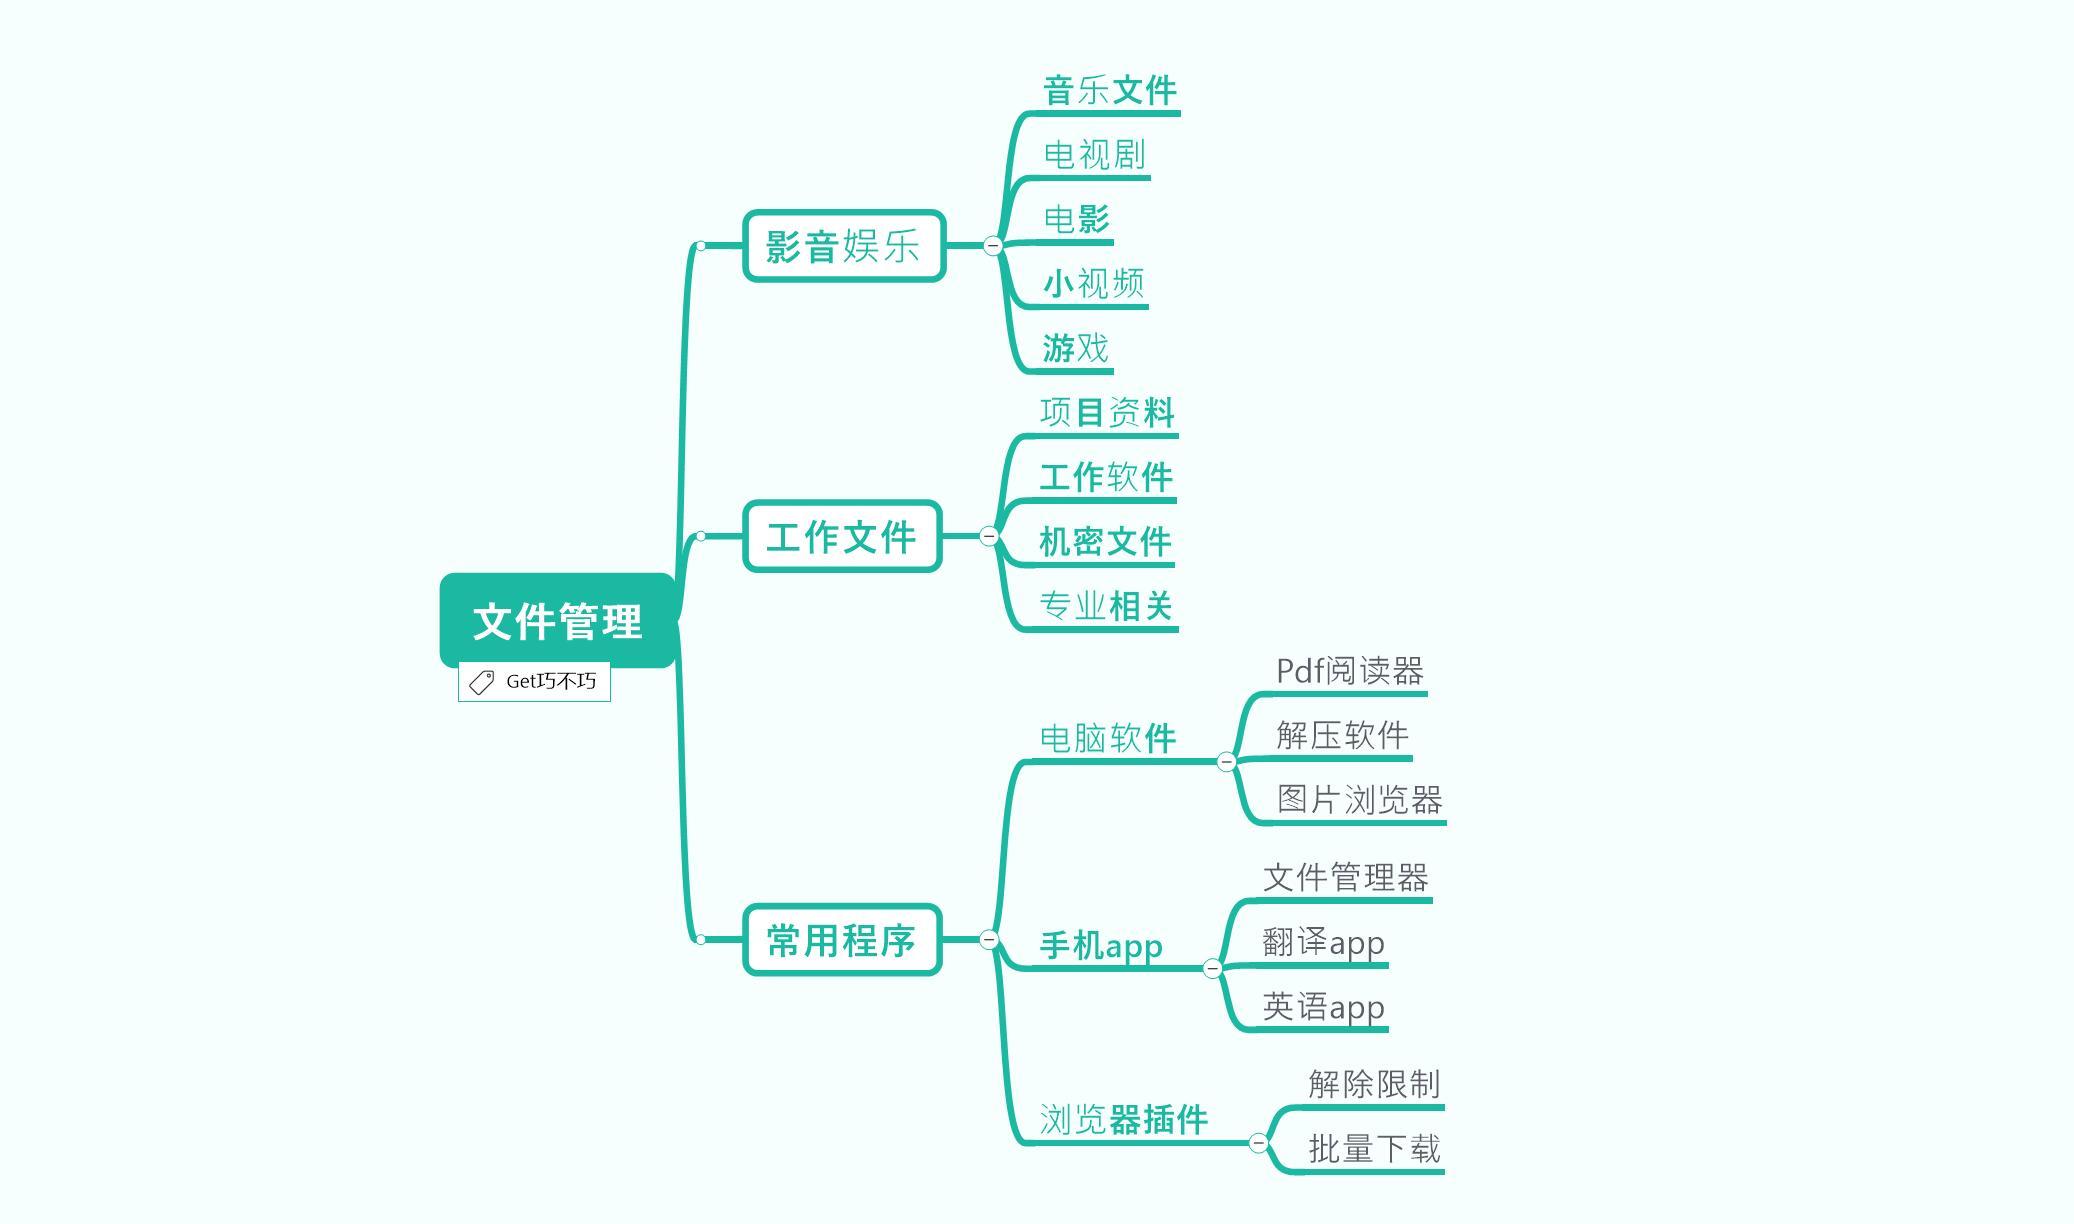 两种根据TXT文本目录结构批量创建文件夹的工具,支持创建多层子文件夹,制定统一的文件管理模板